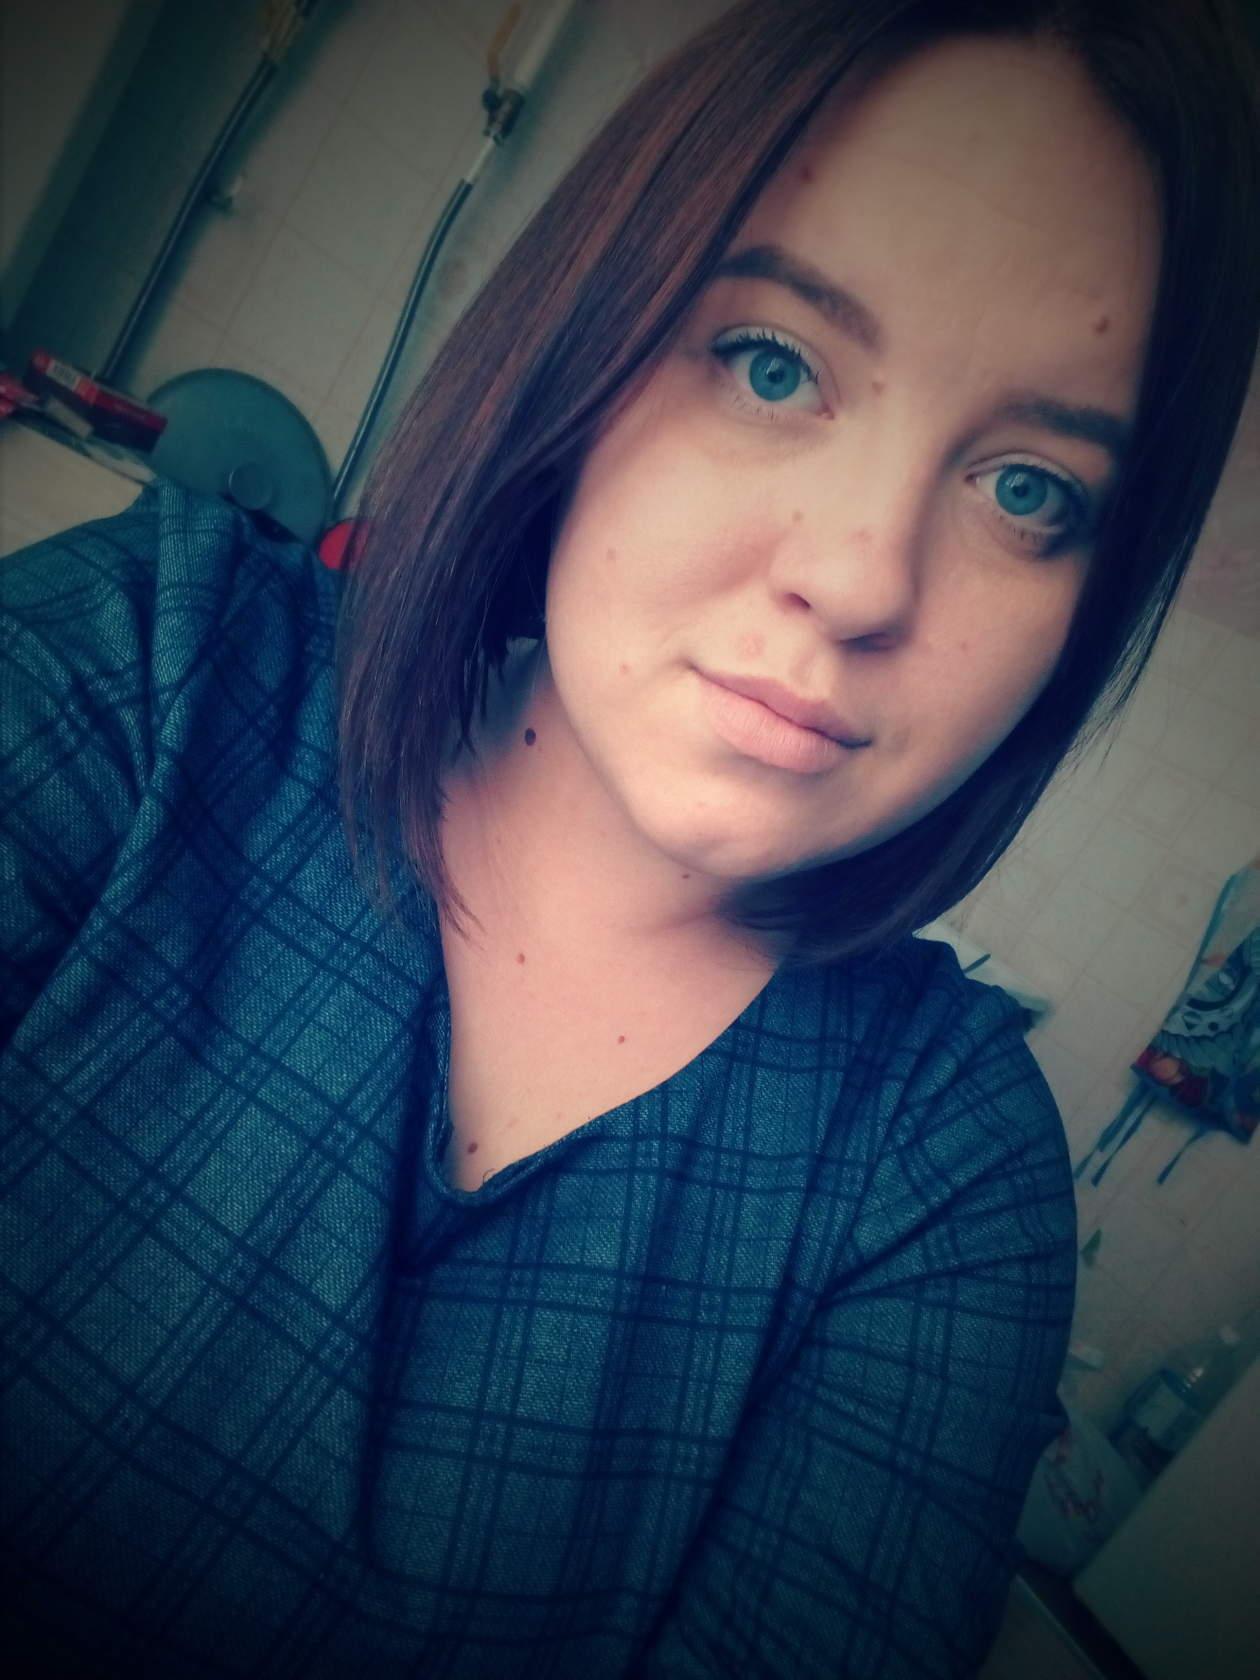 Авито секс знакомства оренбурга взрослые дамы знакомства москва без регистрации